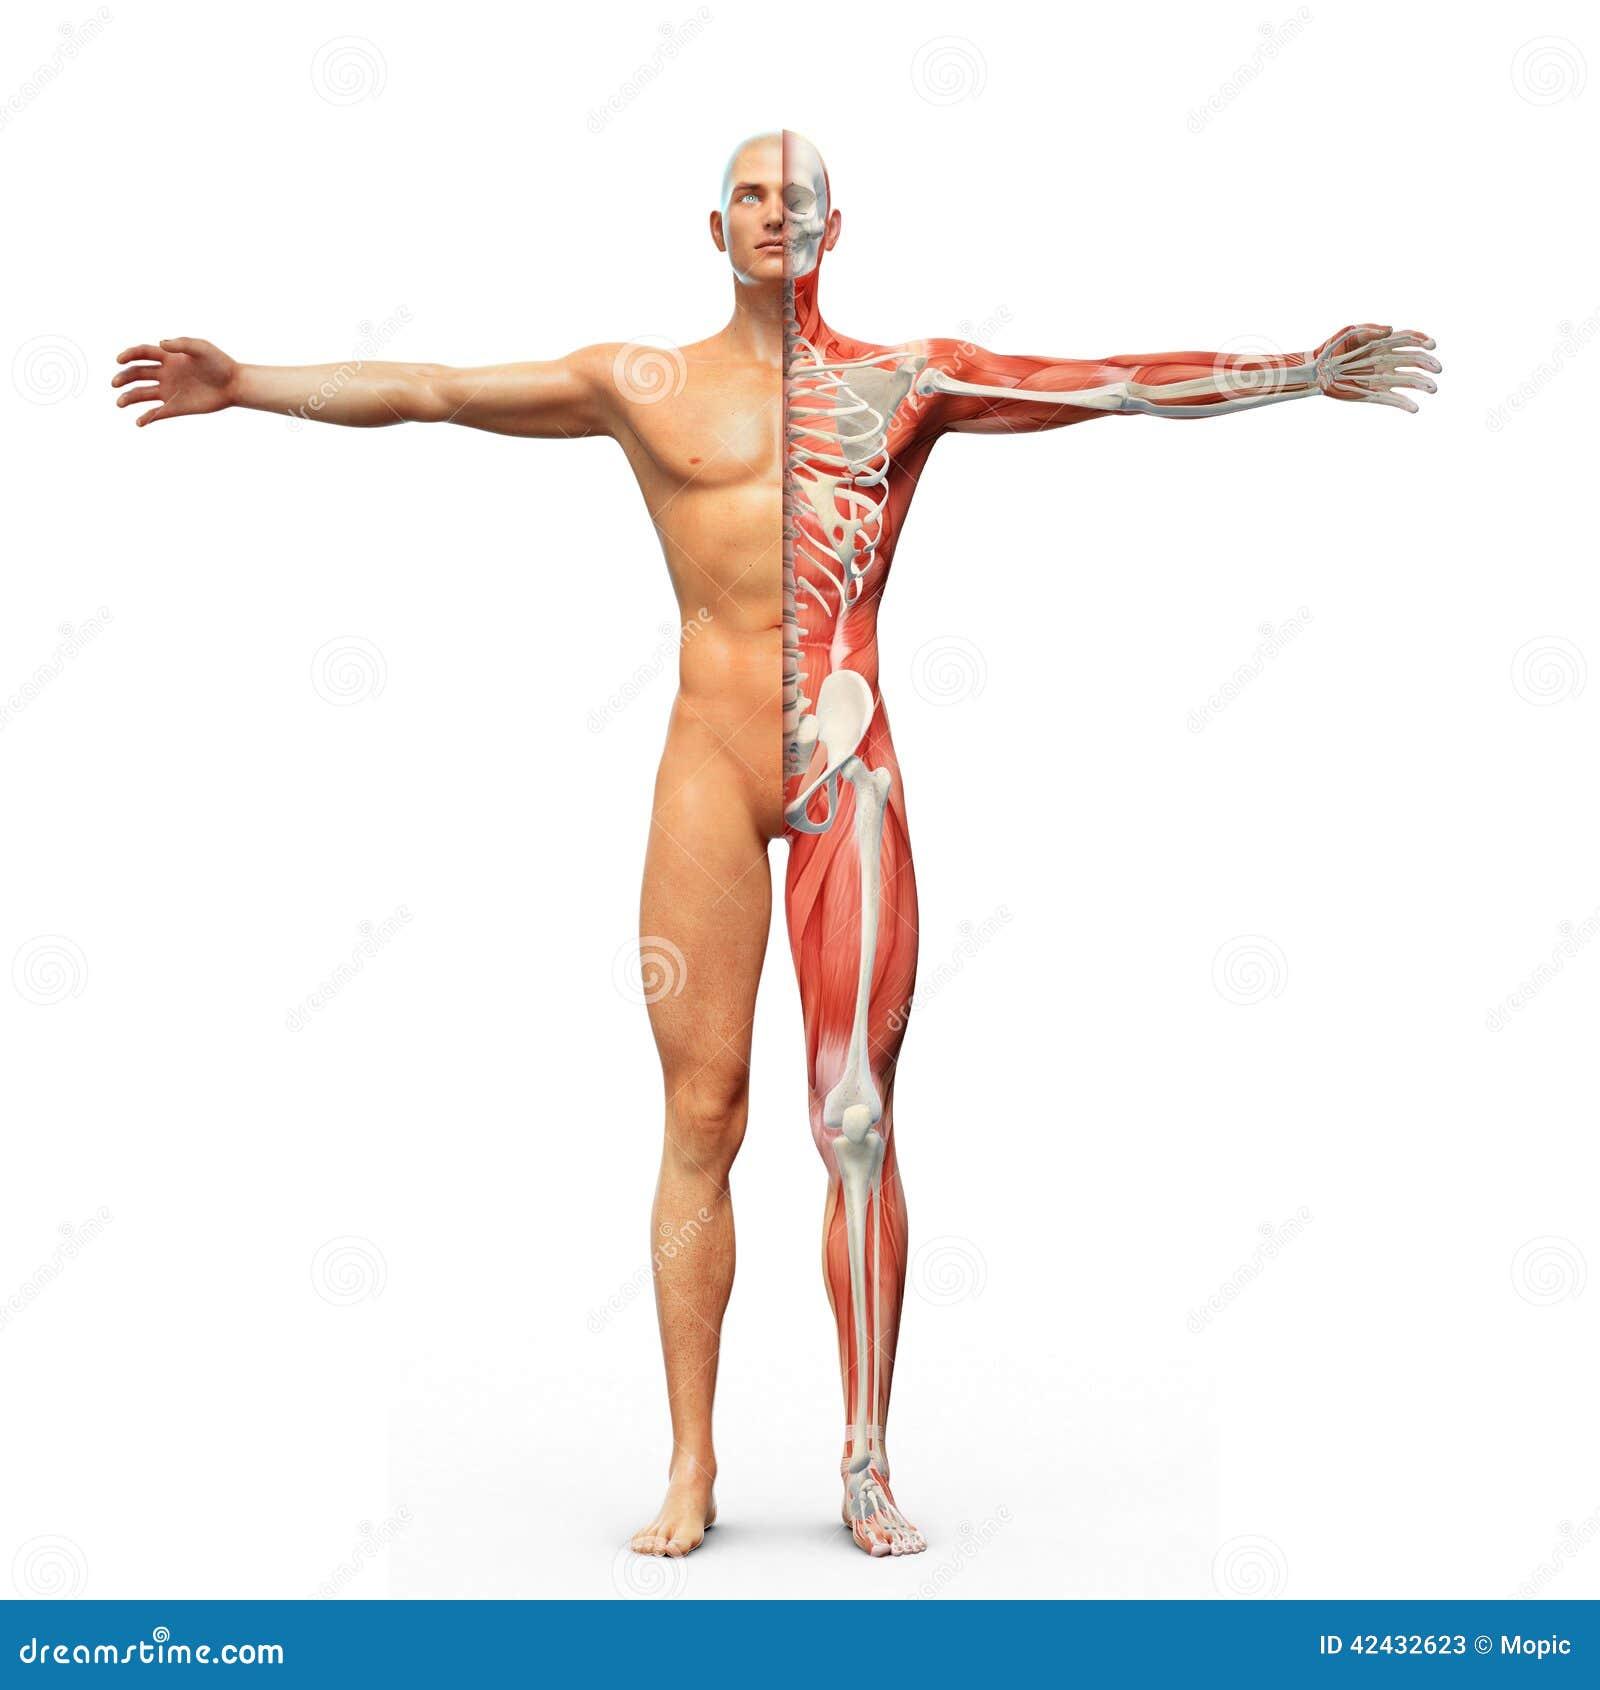 Anatomía humana stock de ilustración. Ilustración de medicina - 42432623